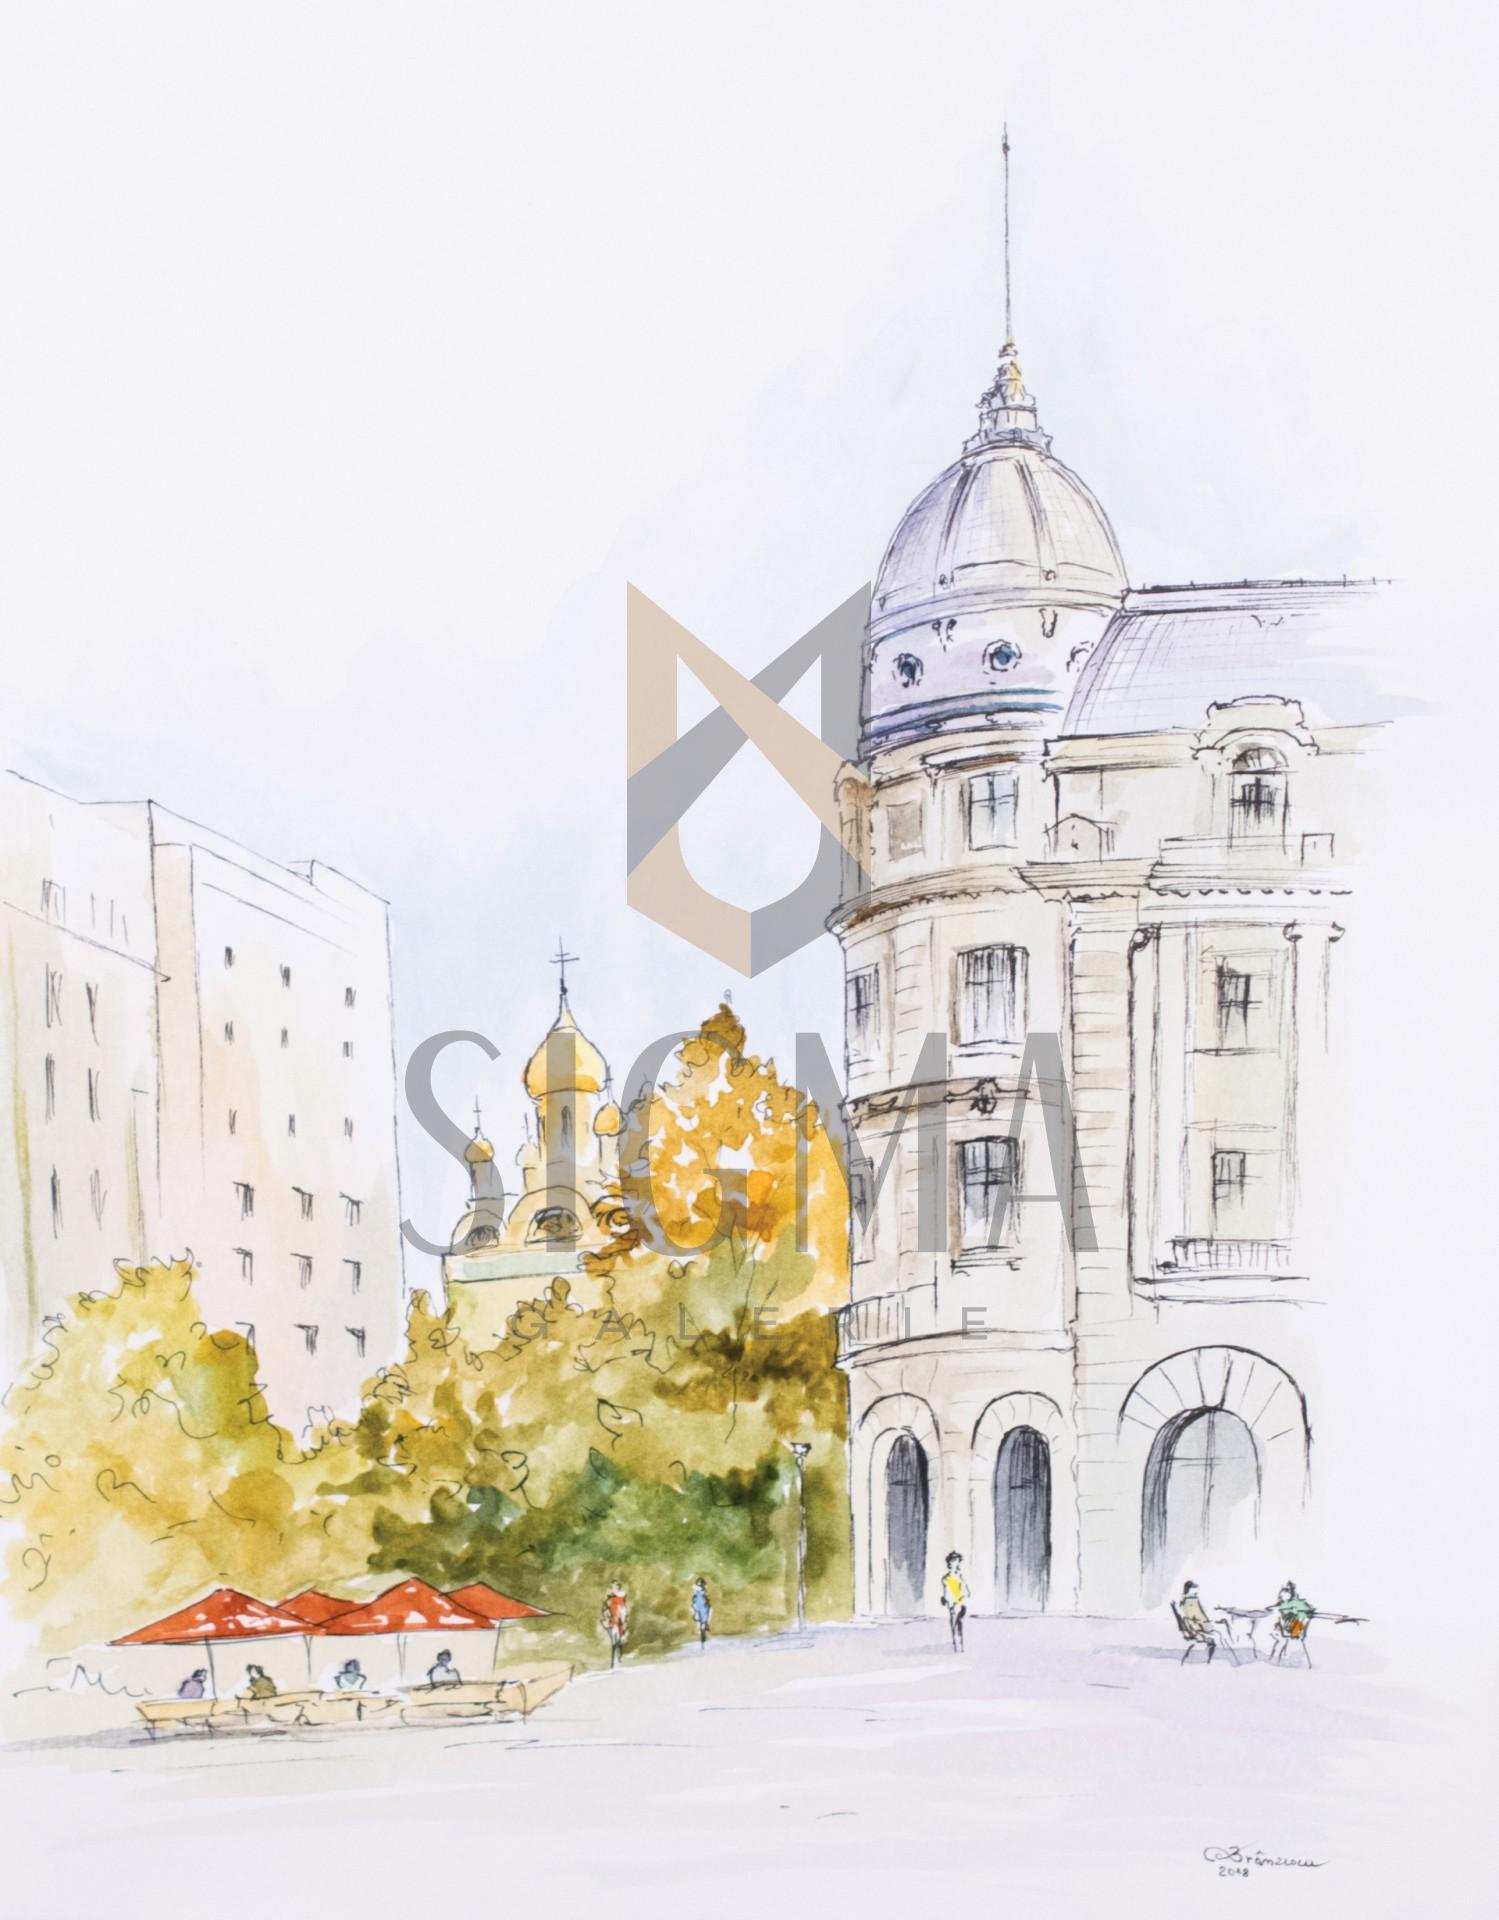 Tablou, Cristian Branzescu, - Piata Universitatii - acuarela si tus, 30x21 cm